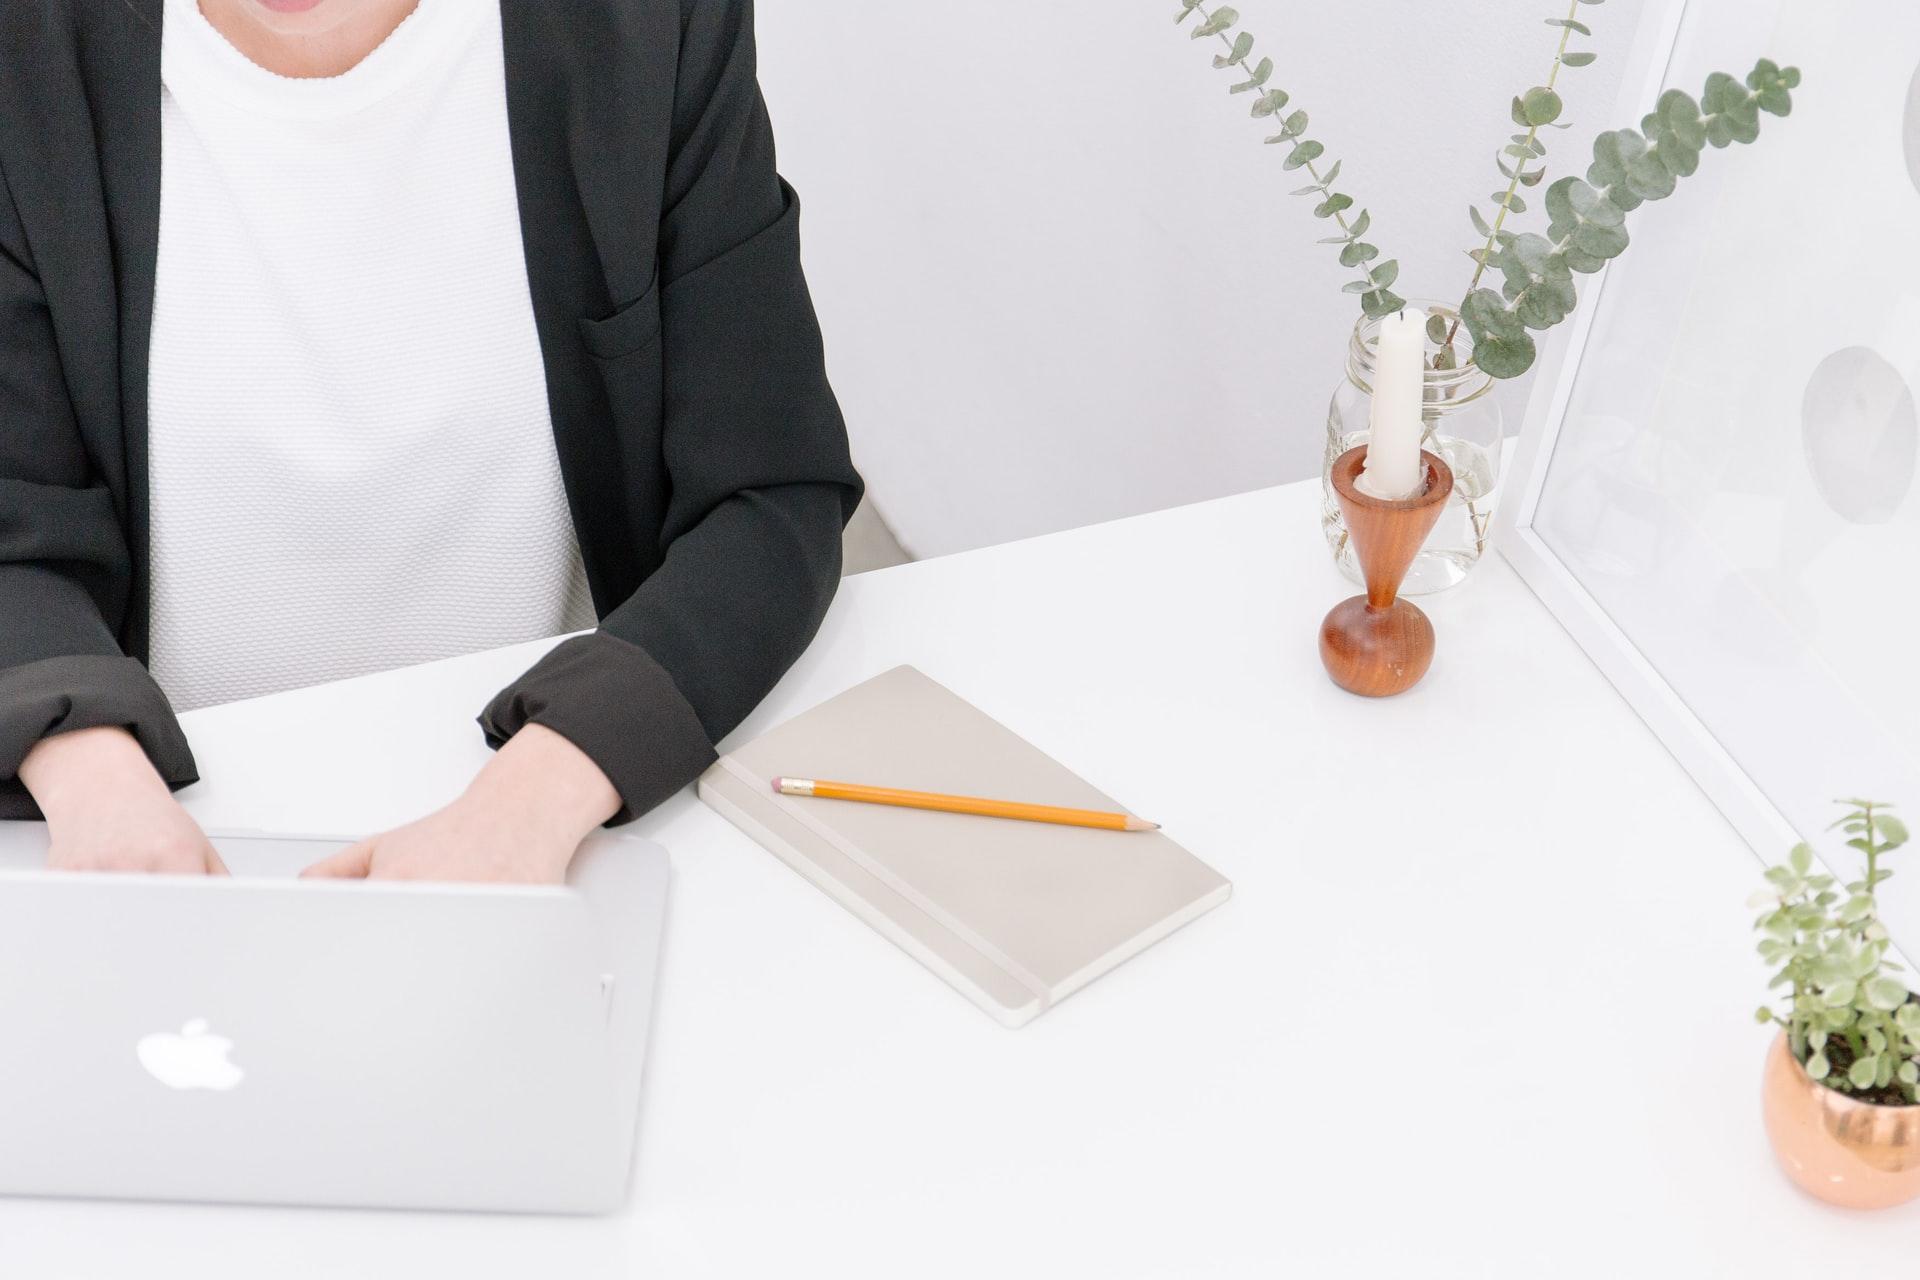 オンラインでプログラミング学習をする人